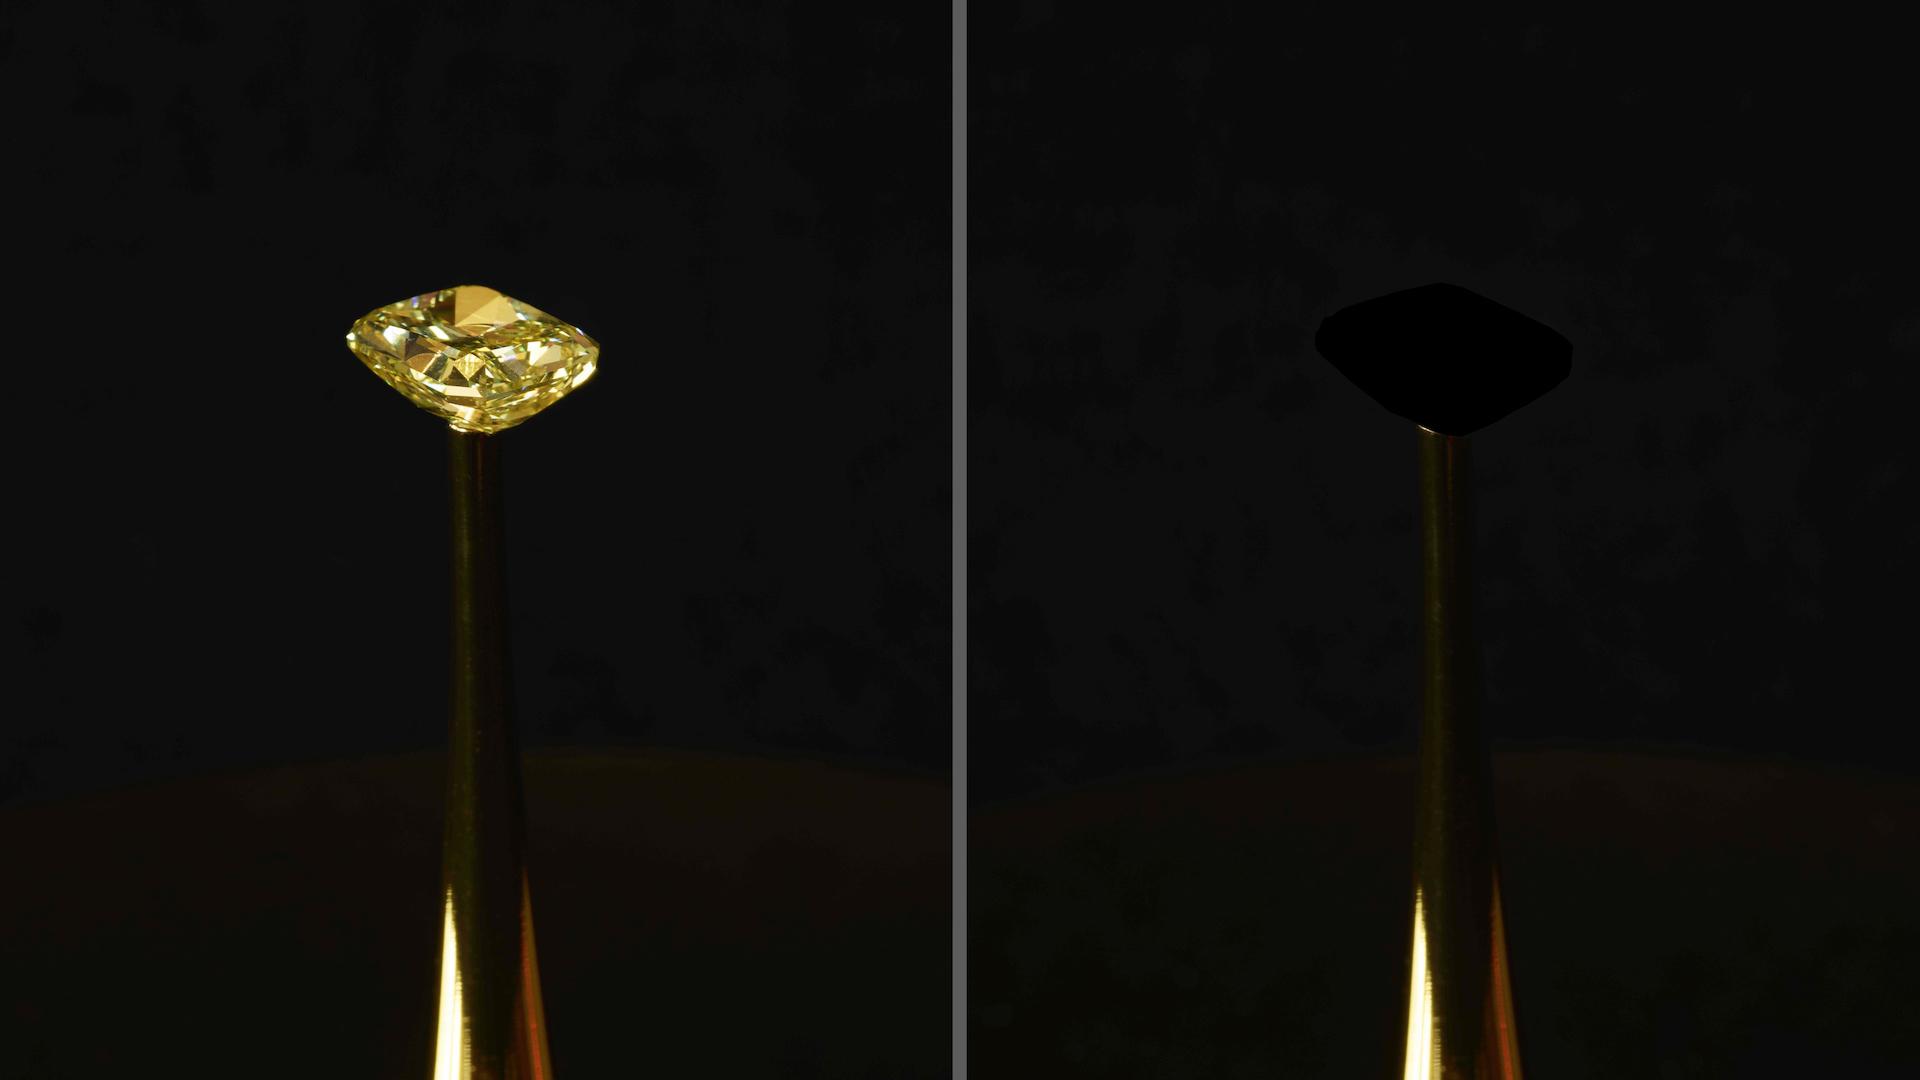 Ce nouveau matériau « plus noir que noir » absorbe 99,995 % de la lumière (et on ne sait pas pourquoi)